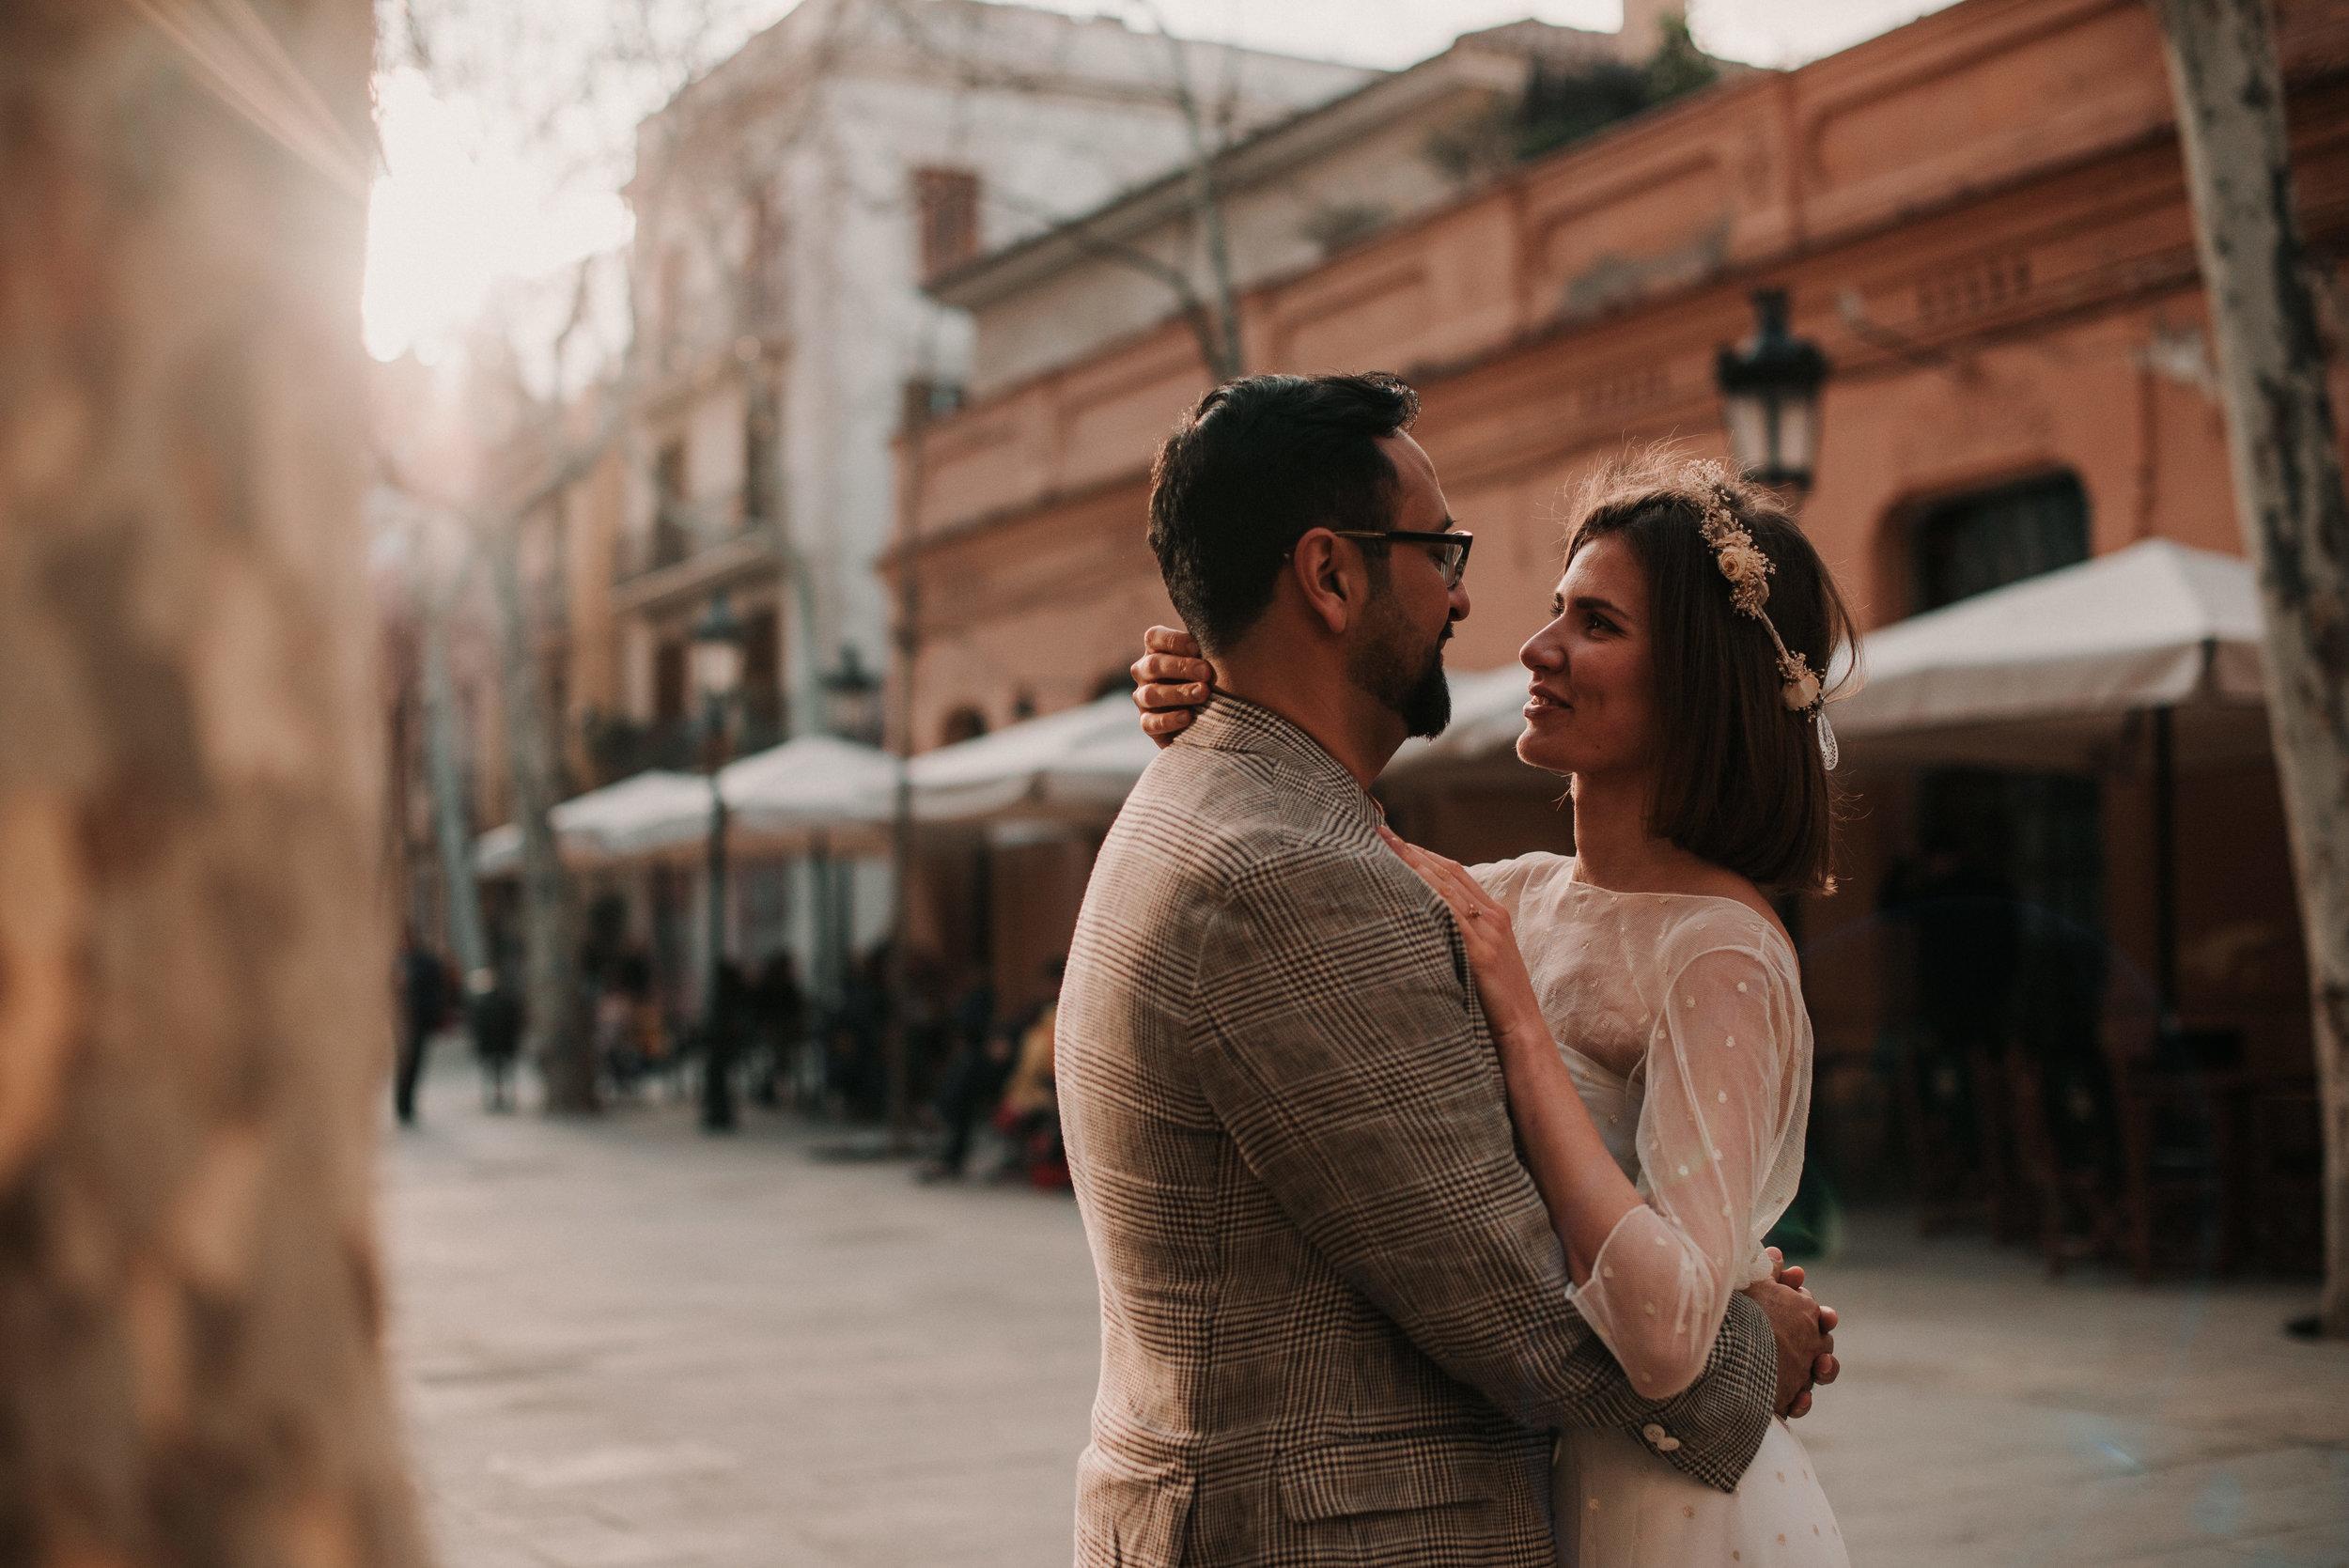 Léa-Fery-photographe-professionnel-lyon-rhone-alpes-portrait-creation-mariage-evenement-evenementiel-famille-4664.jpg